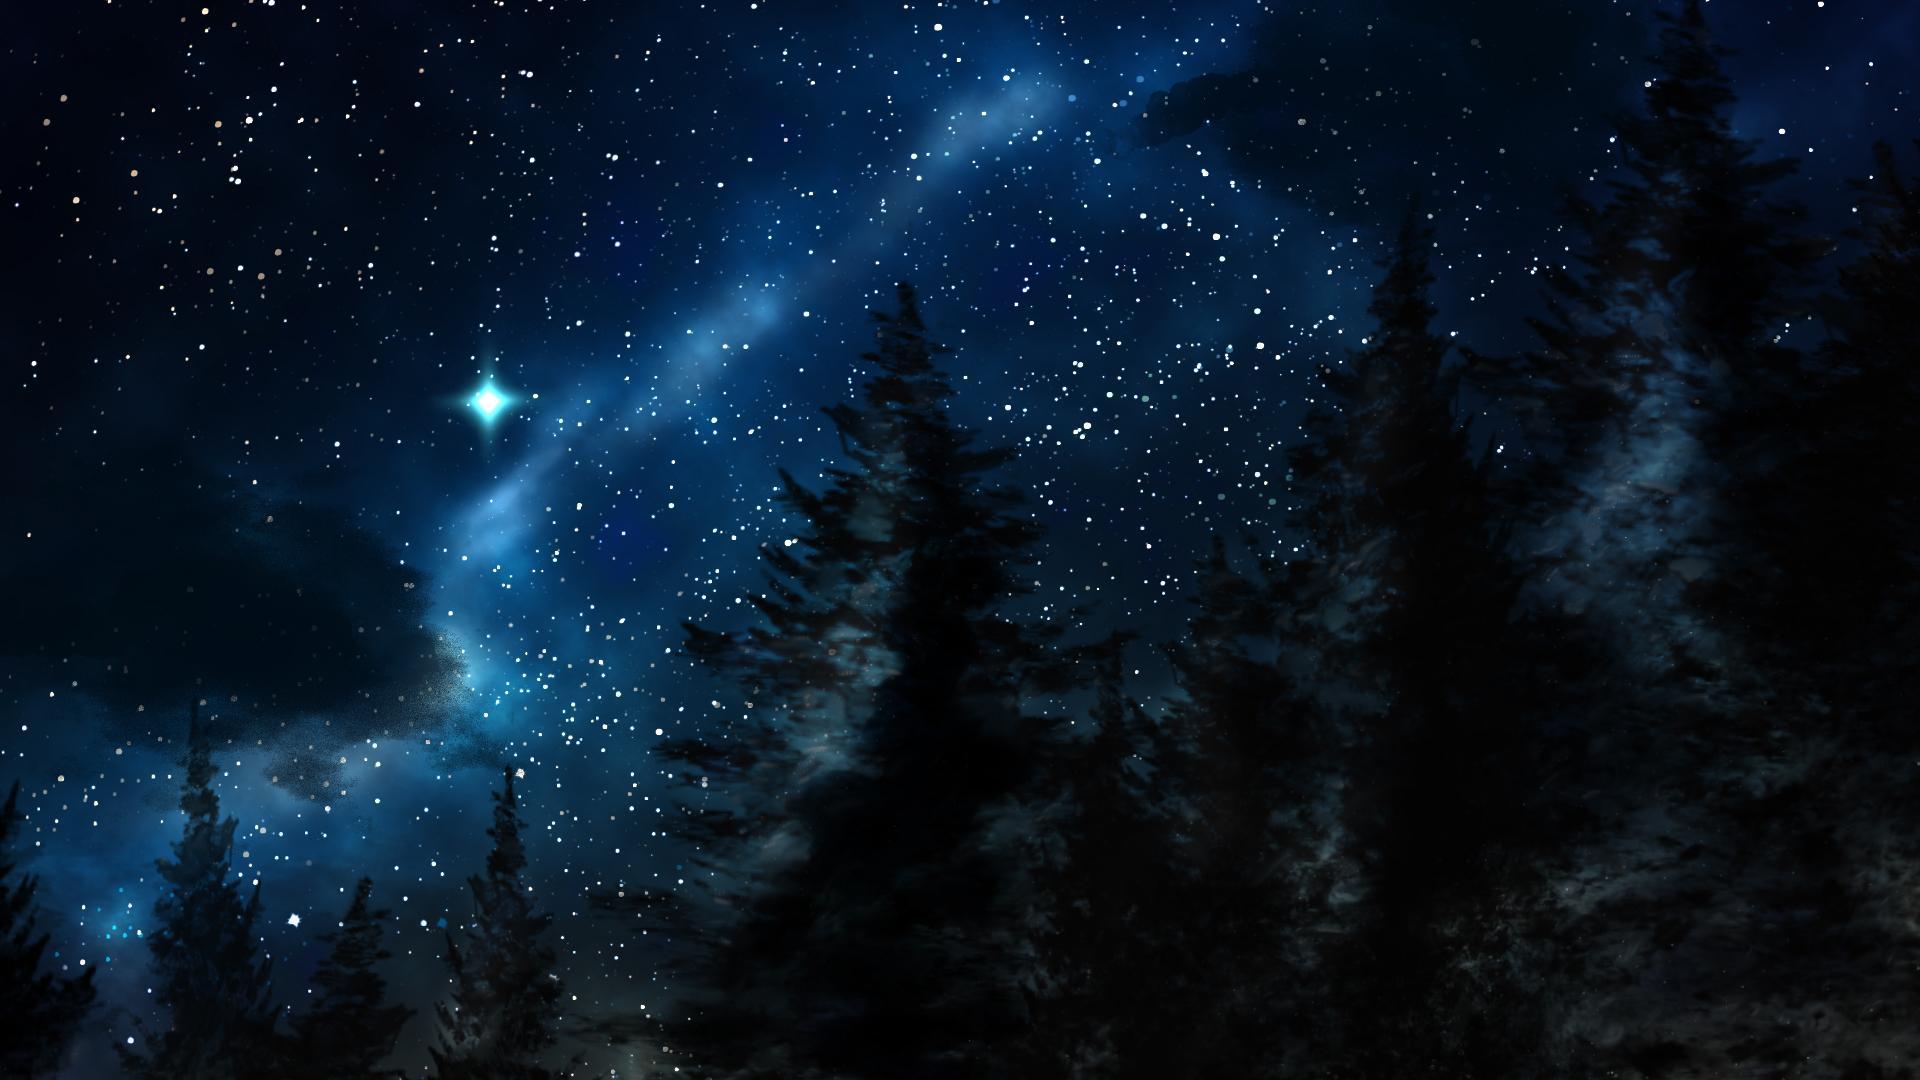 Ảnh bầu trời đêm đầy sao trong rừng thông